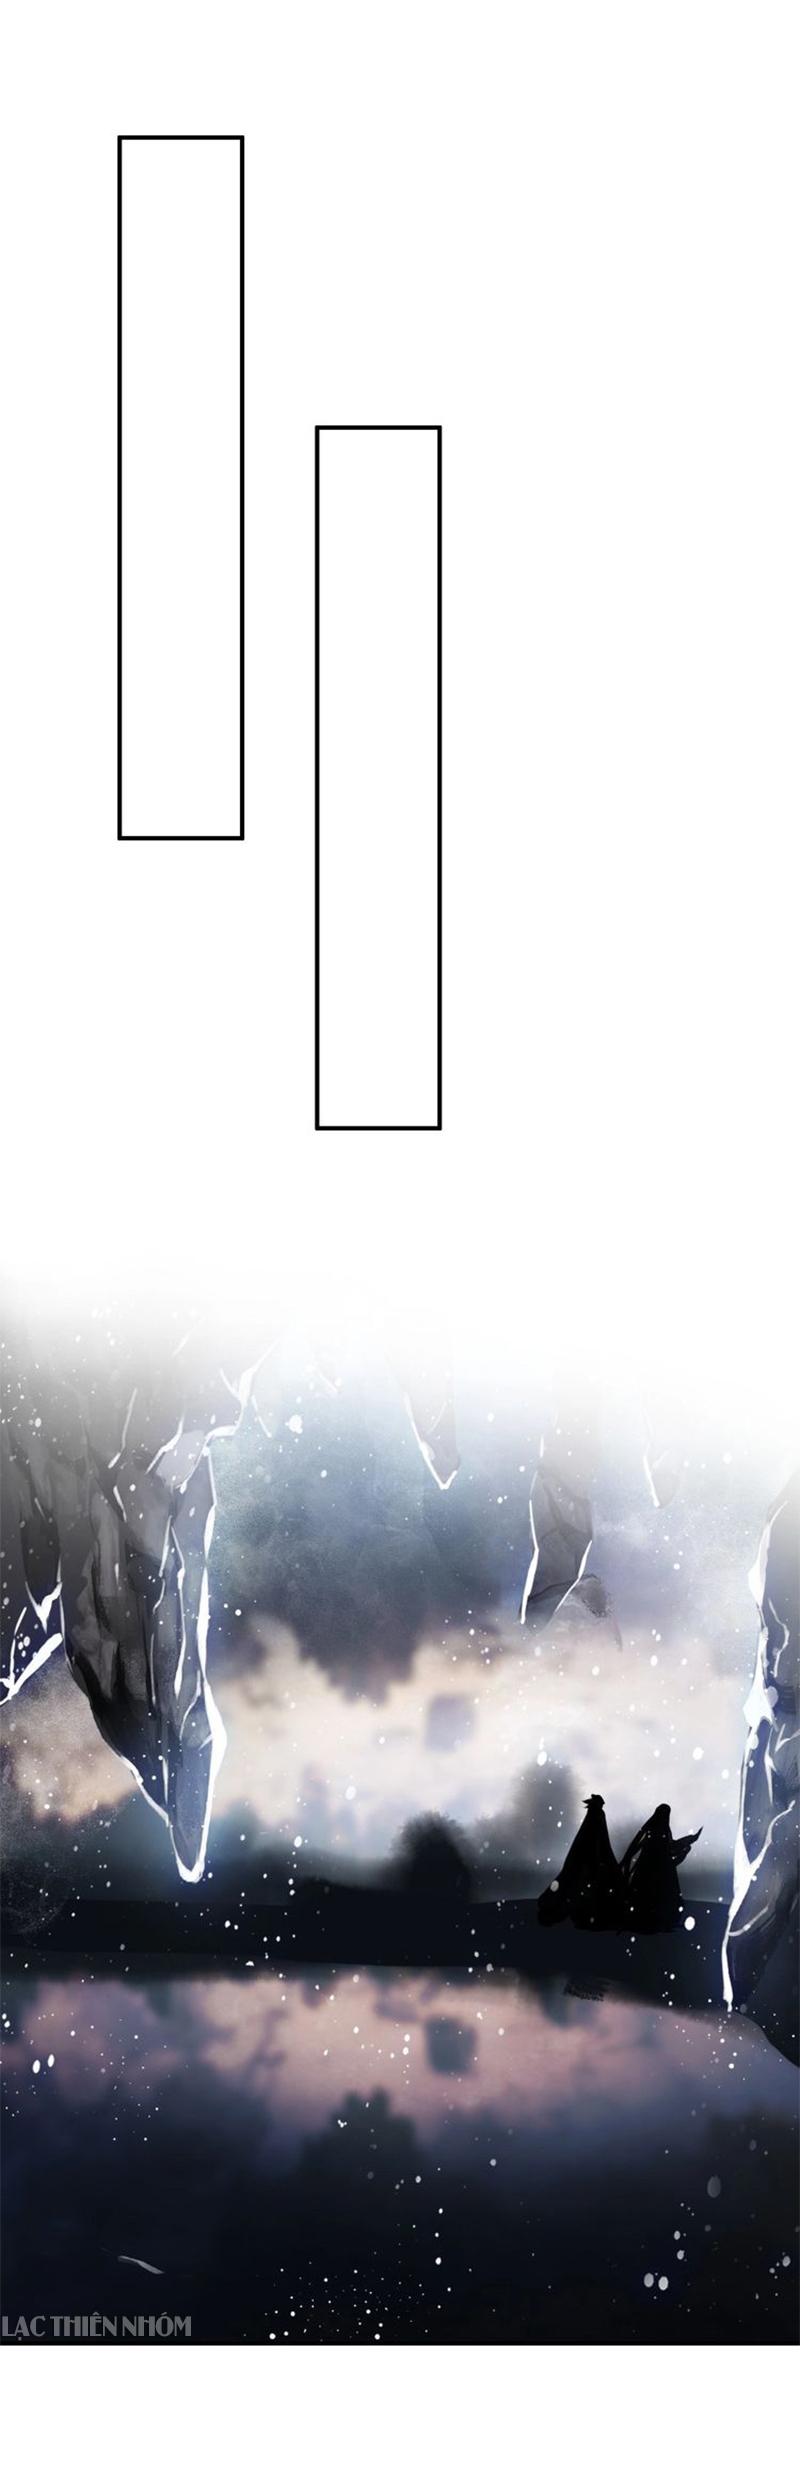 Đế Sư Tại Thượng Chapter 49